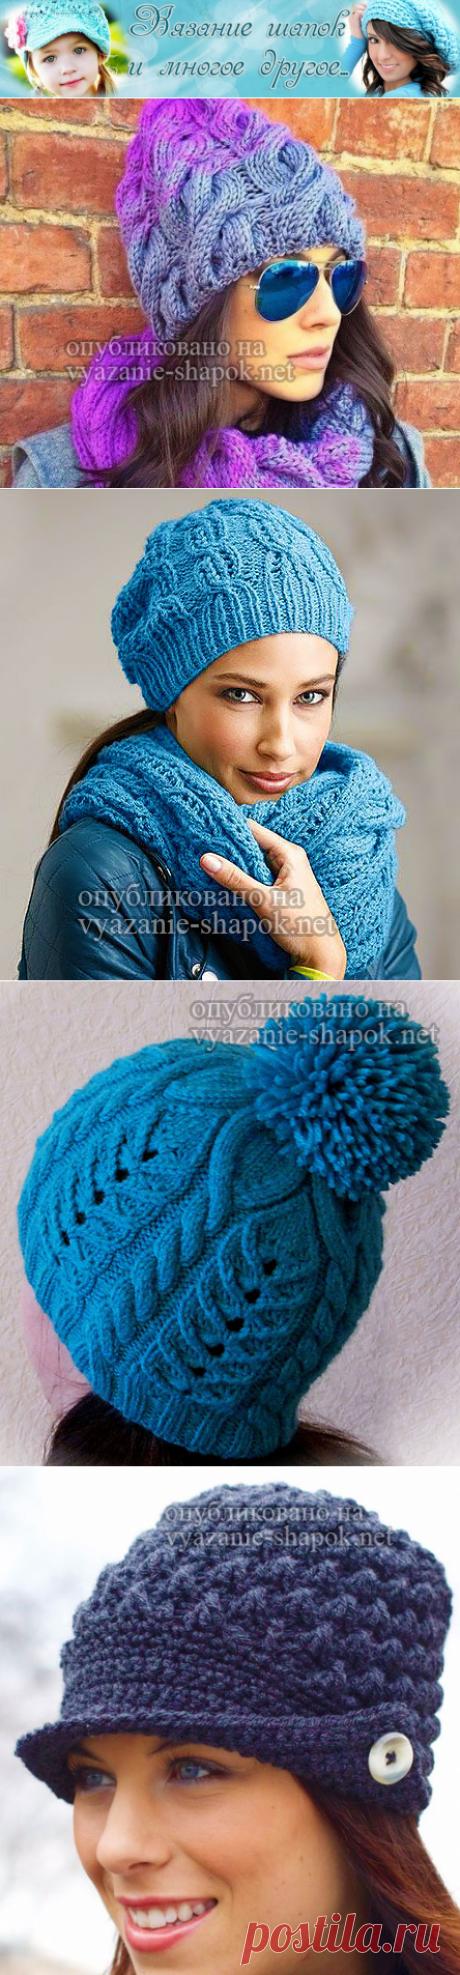 Вязаные зимние шапки   ВЯЗАНИЕ ШАПОК: женские шапки спицами и крючком, мужские и детские шапки, вязаные сумки